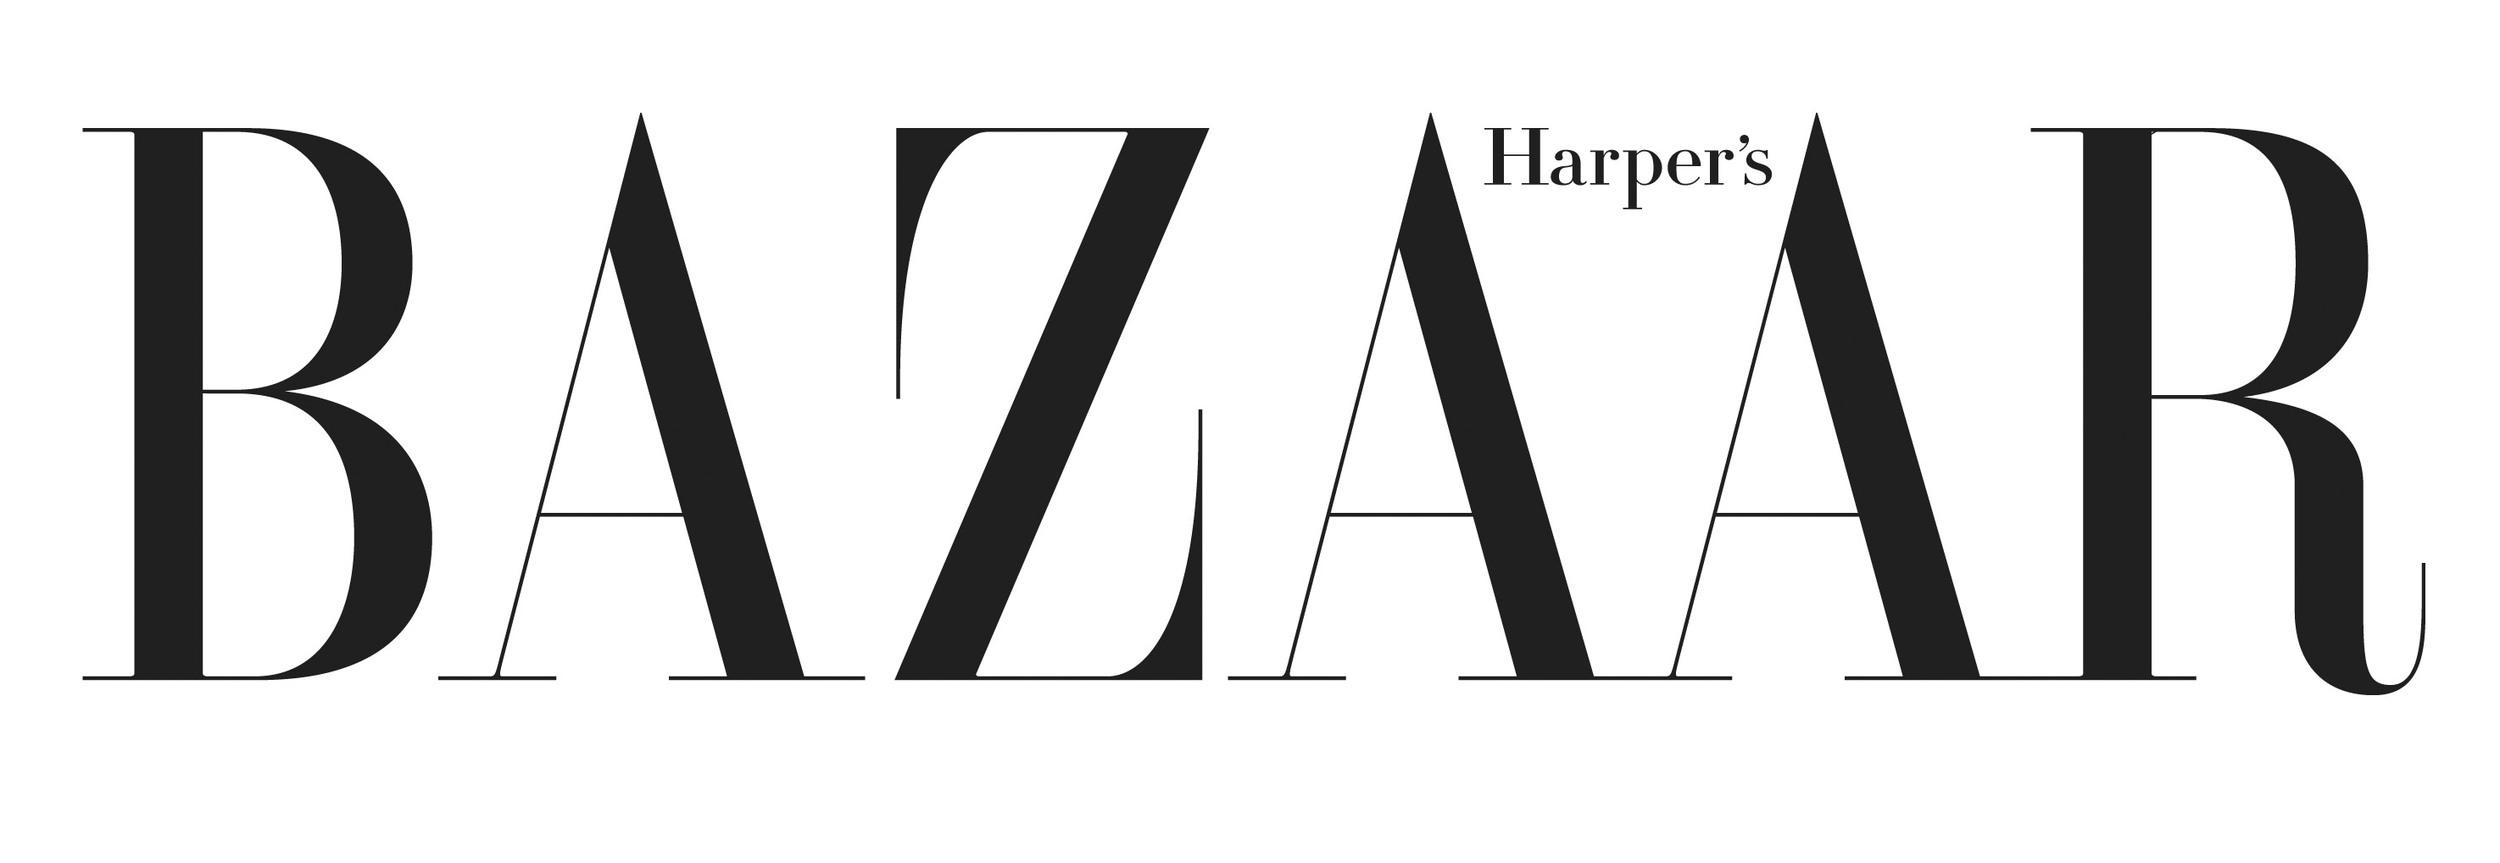 Harper'sBazaarLogo.jpg